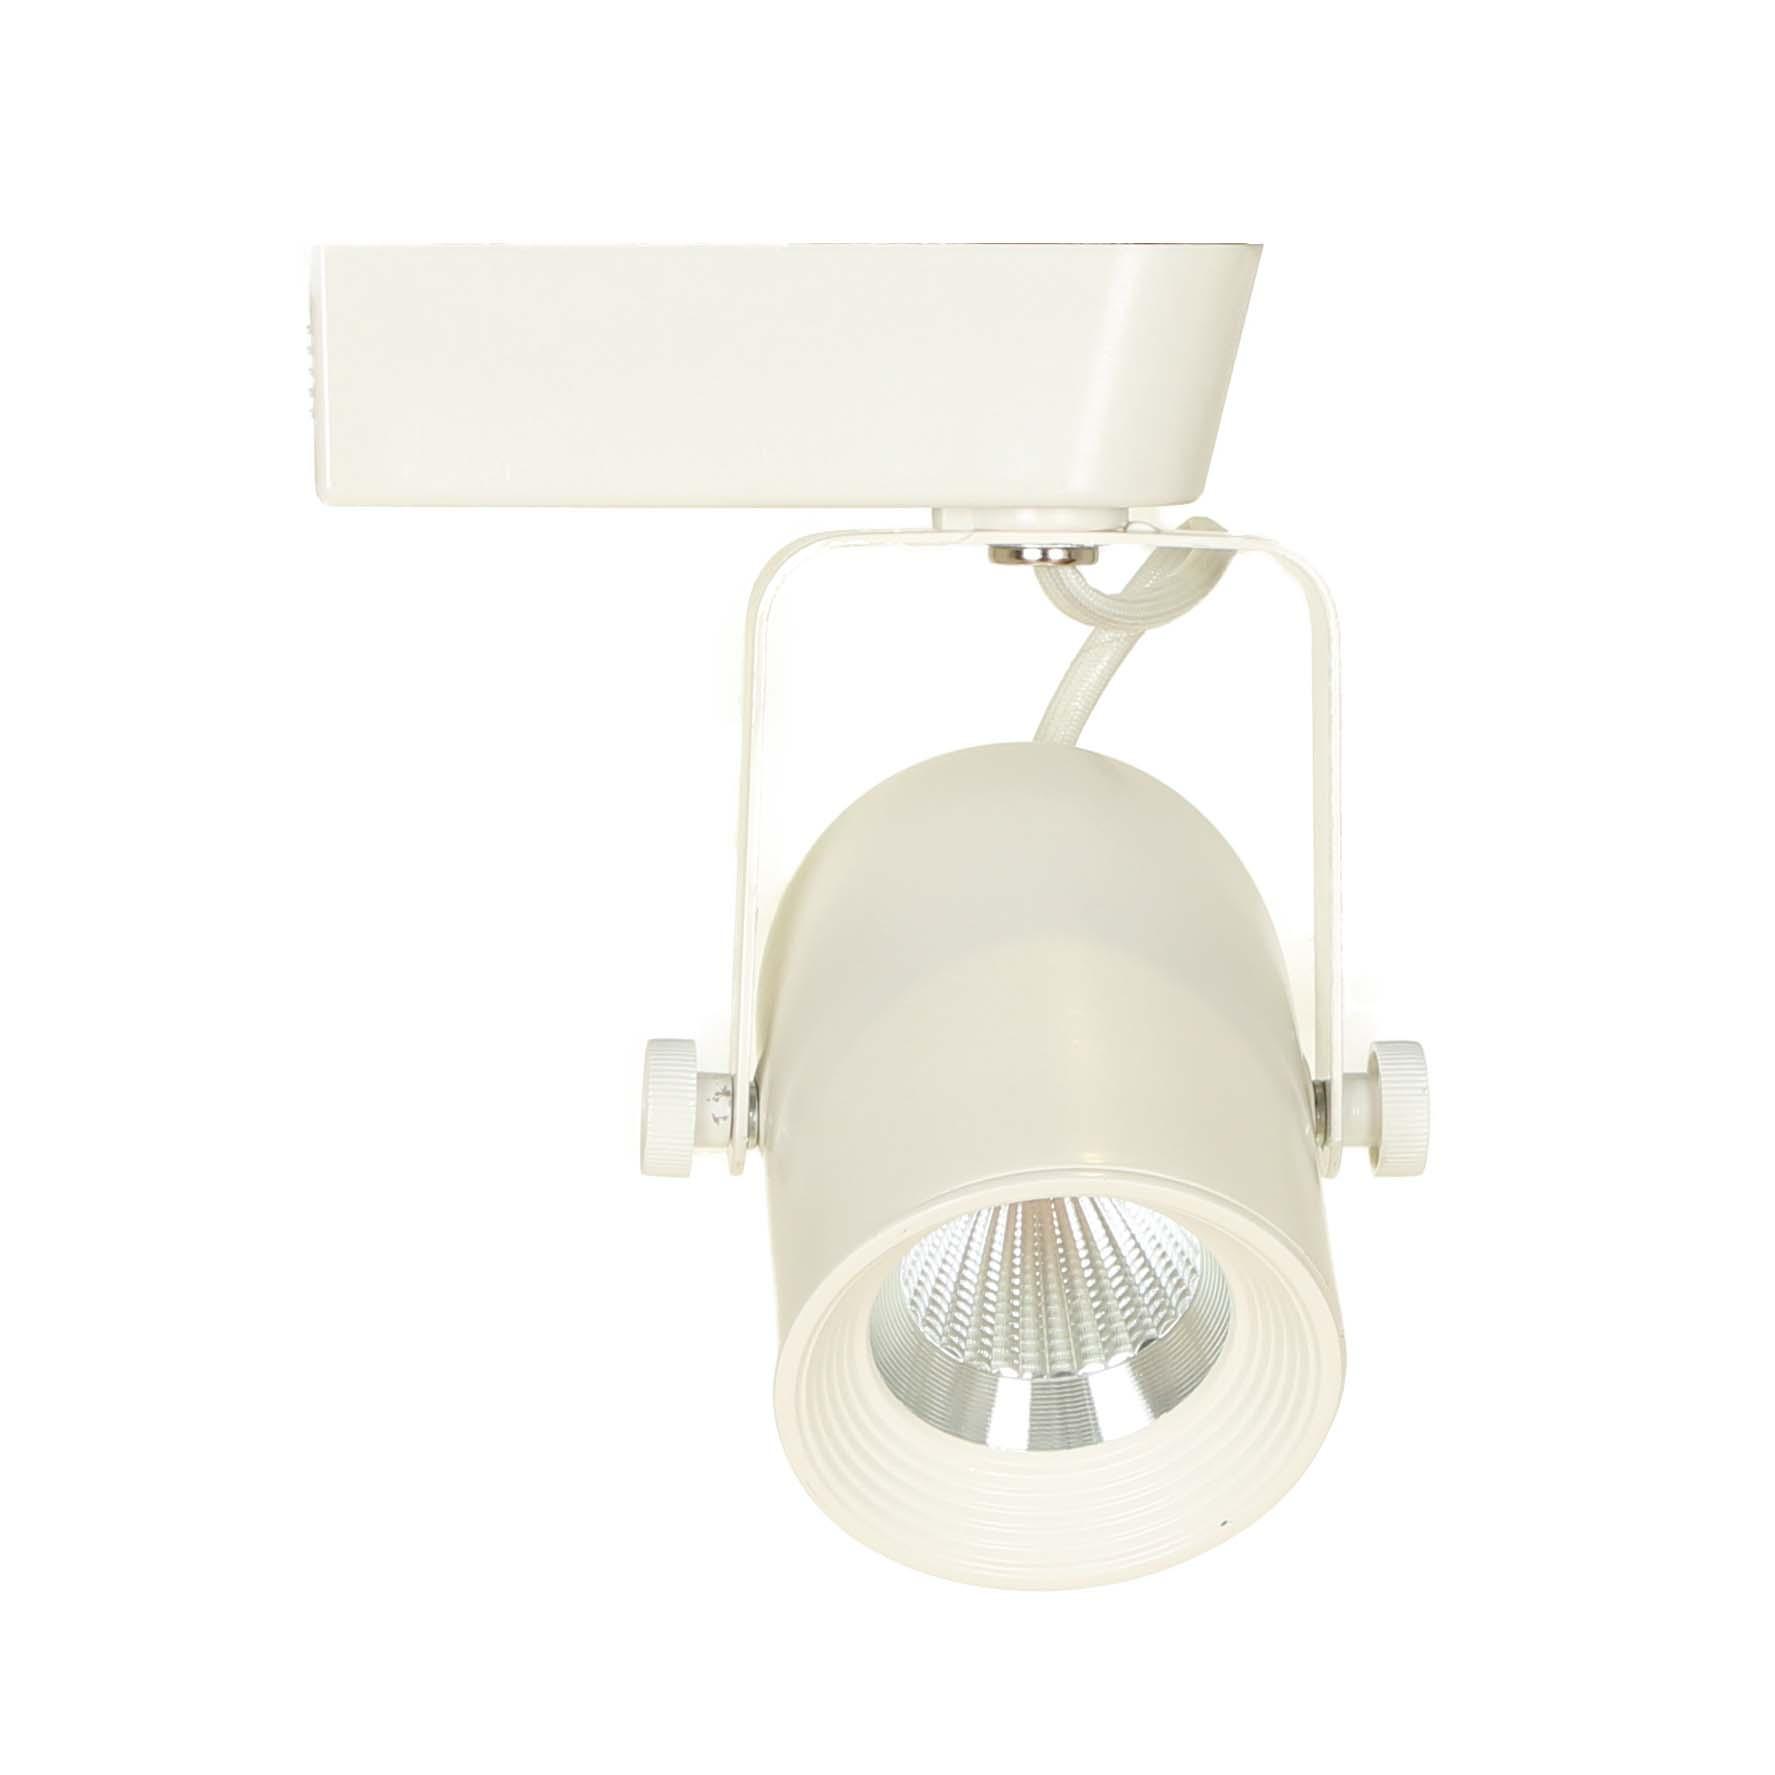 directional spot lighting. LED Track Lighting Kit HT-60088 White Directional Spot D